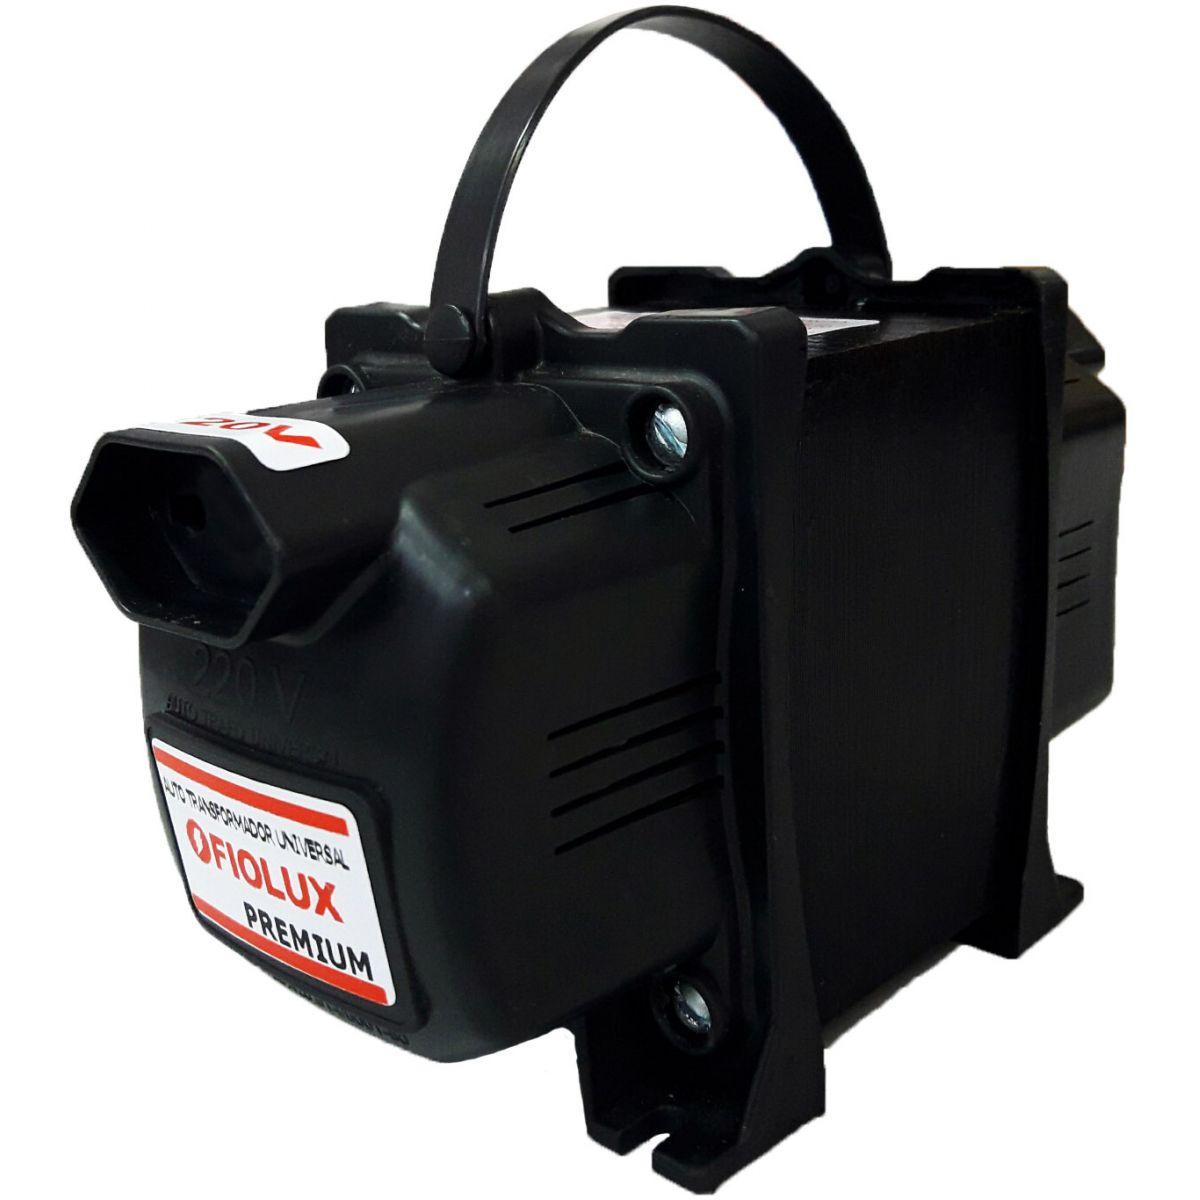 Transformador Fiolux Premium 1500VA Bivolt 110/220 e 220/110 Ref: 1500 VA